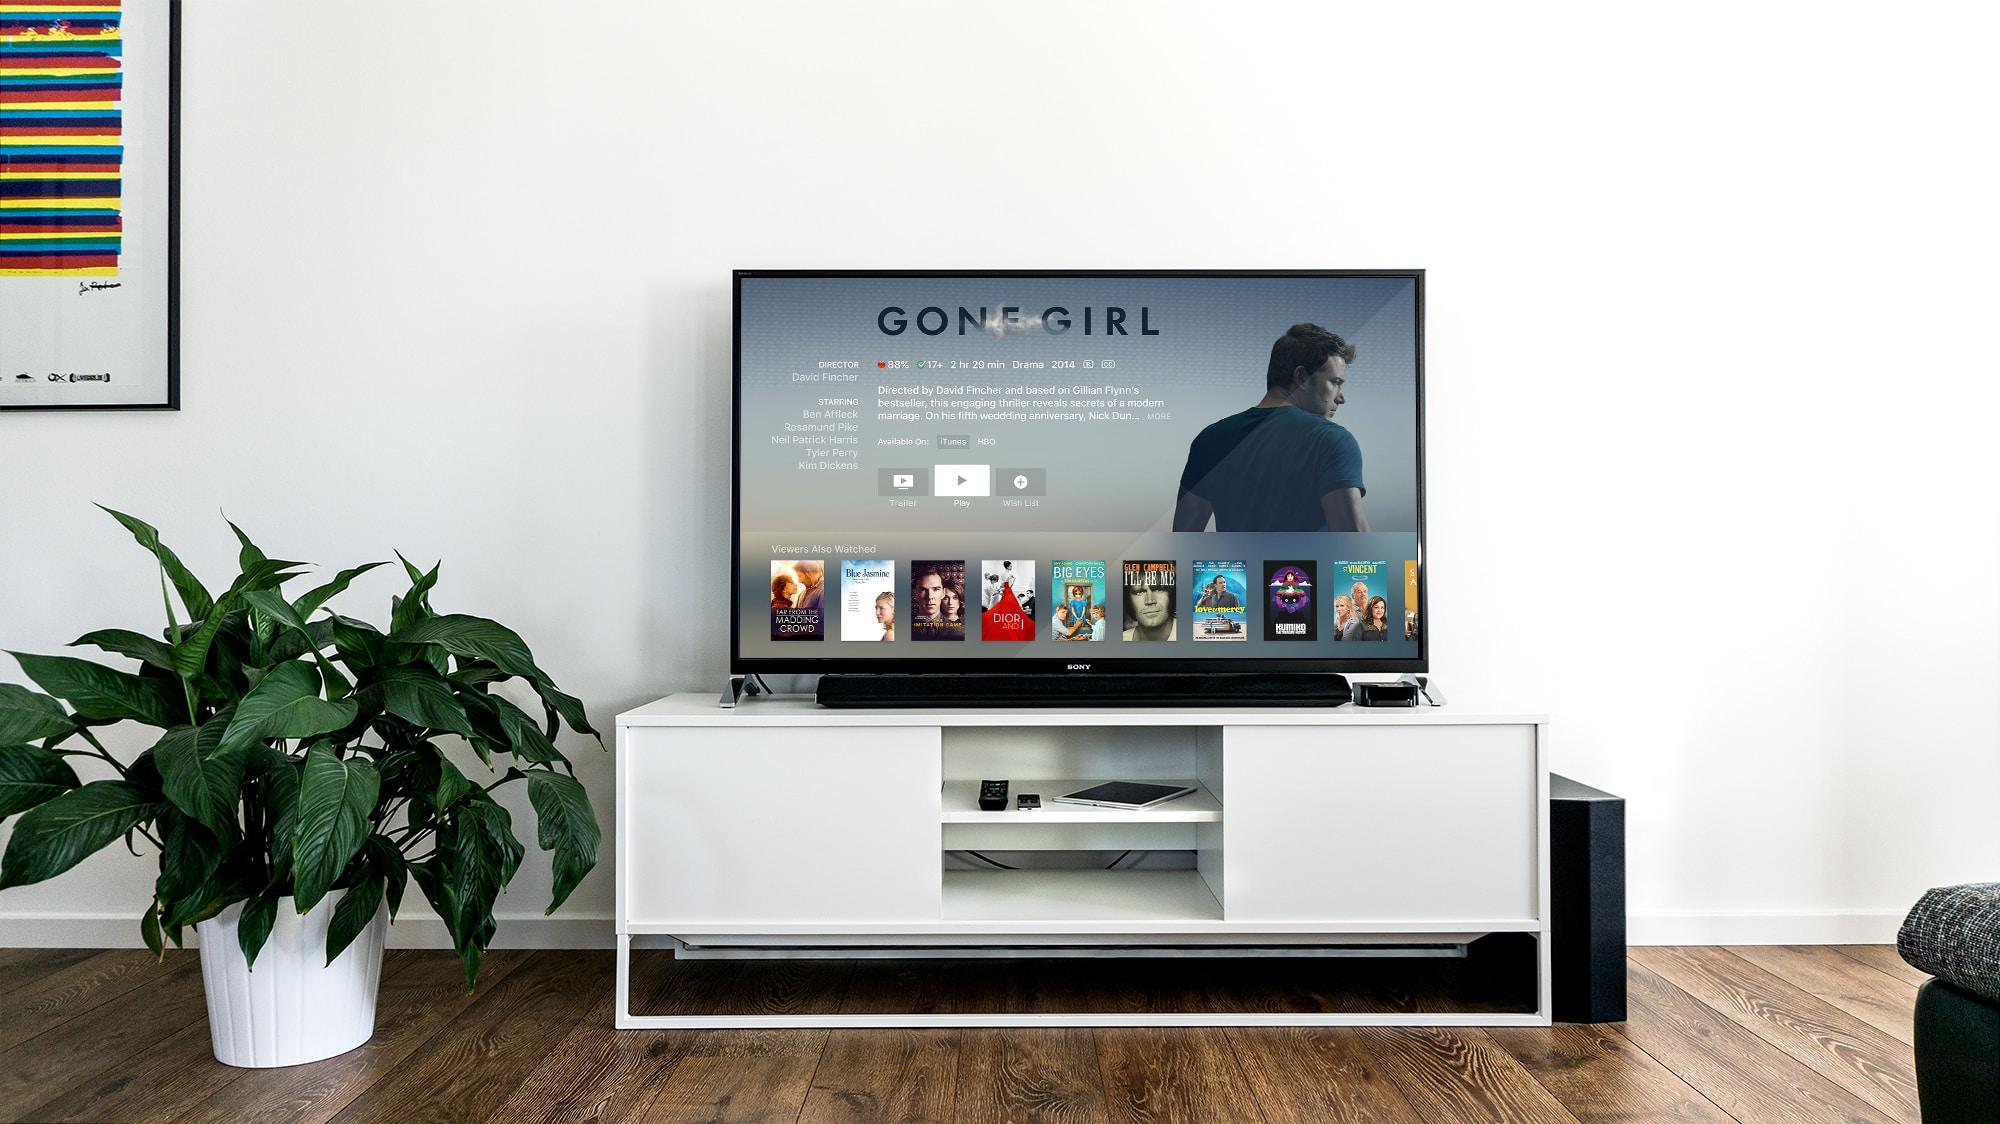 Na foto uma smart TV ligada em cima de um móvel em uma sala de estar.